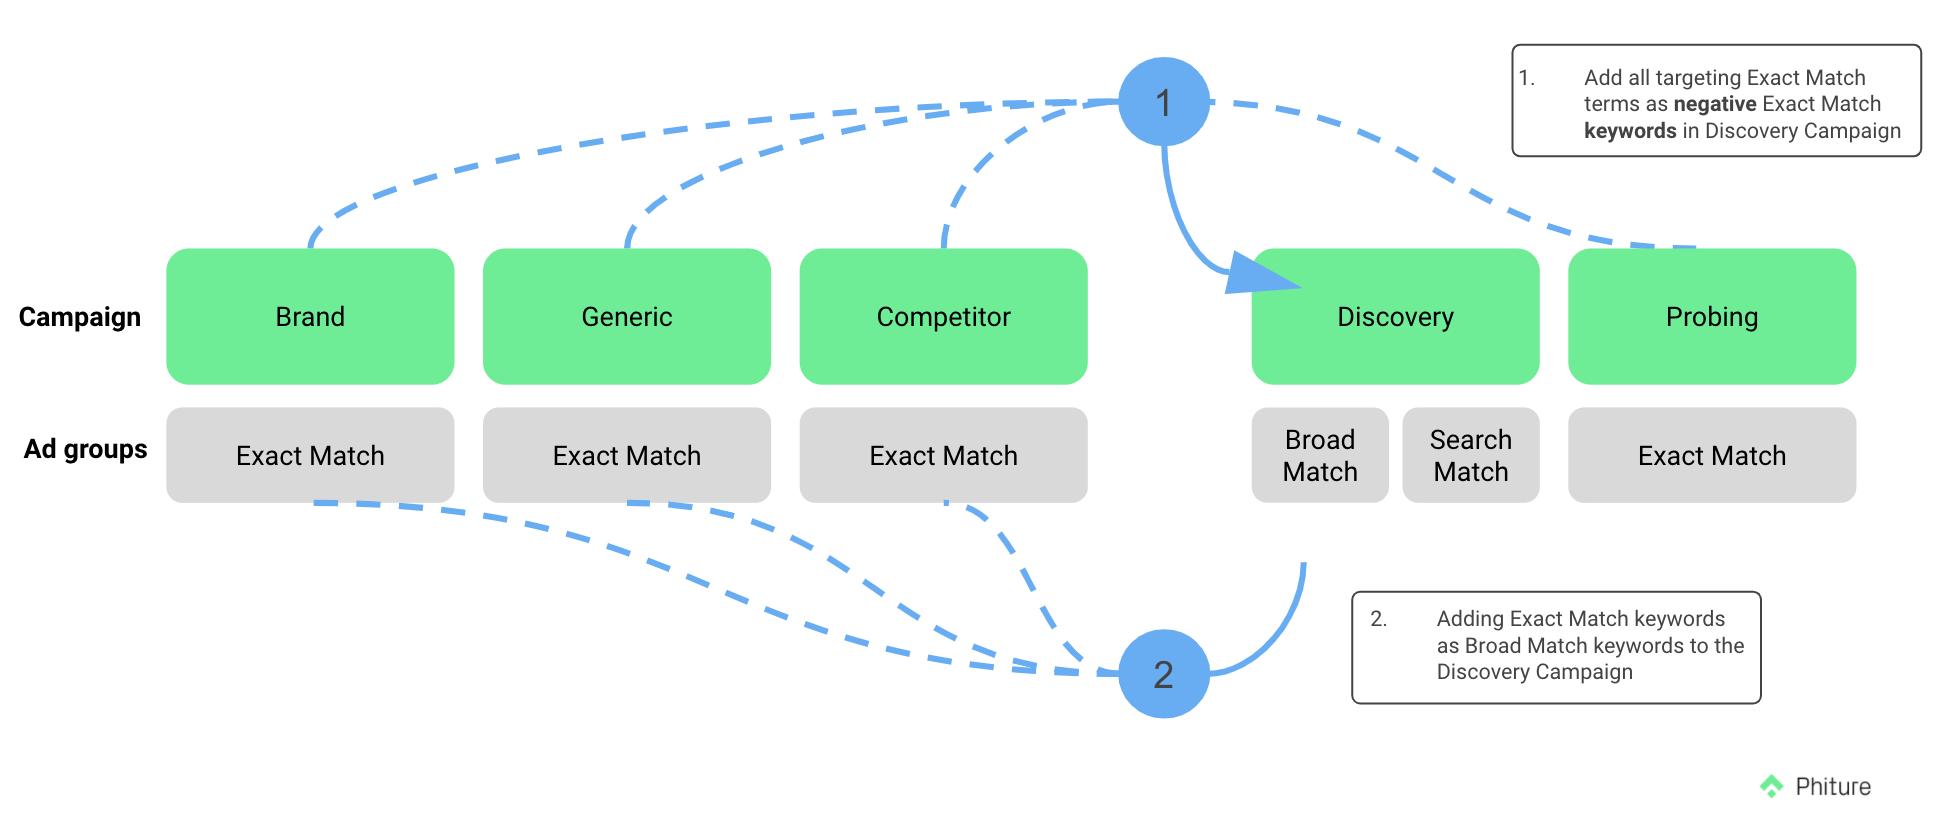 targeting exact match terms